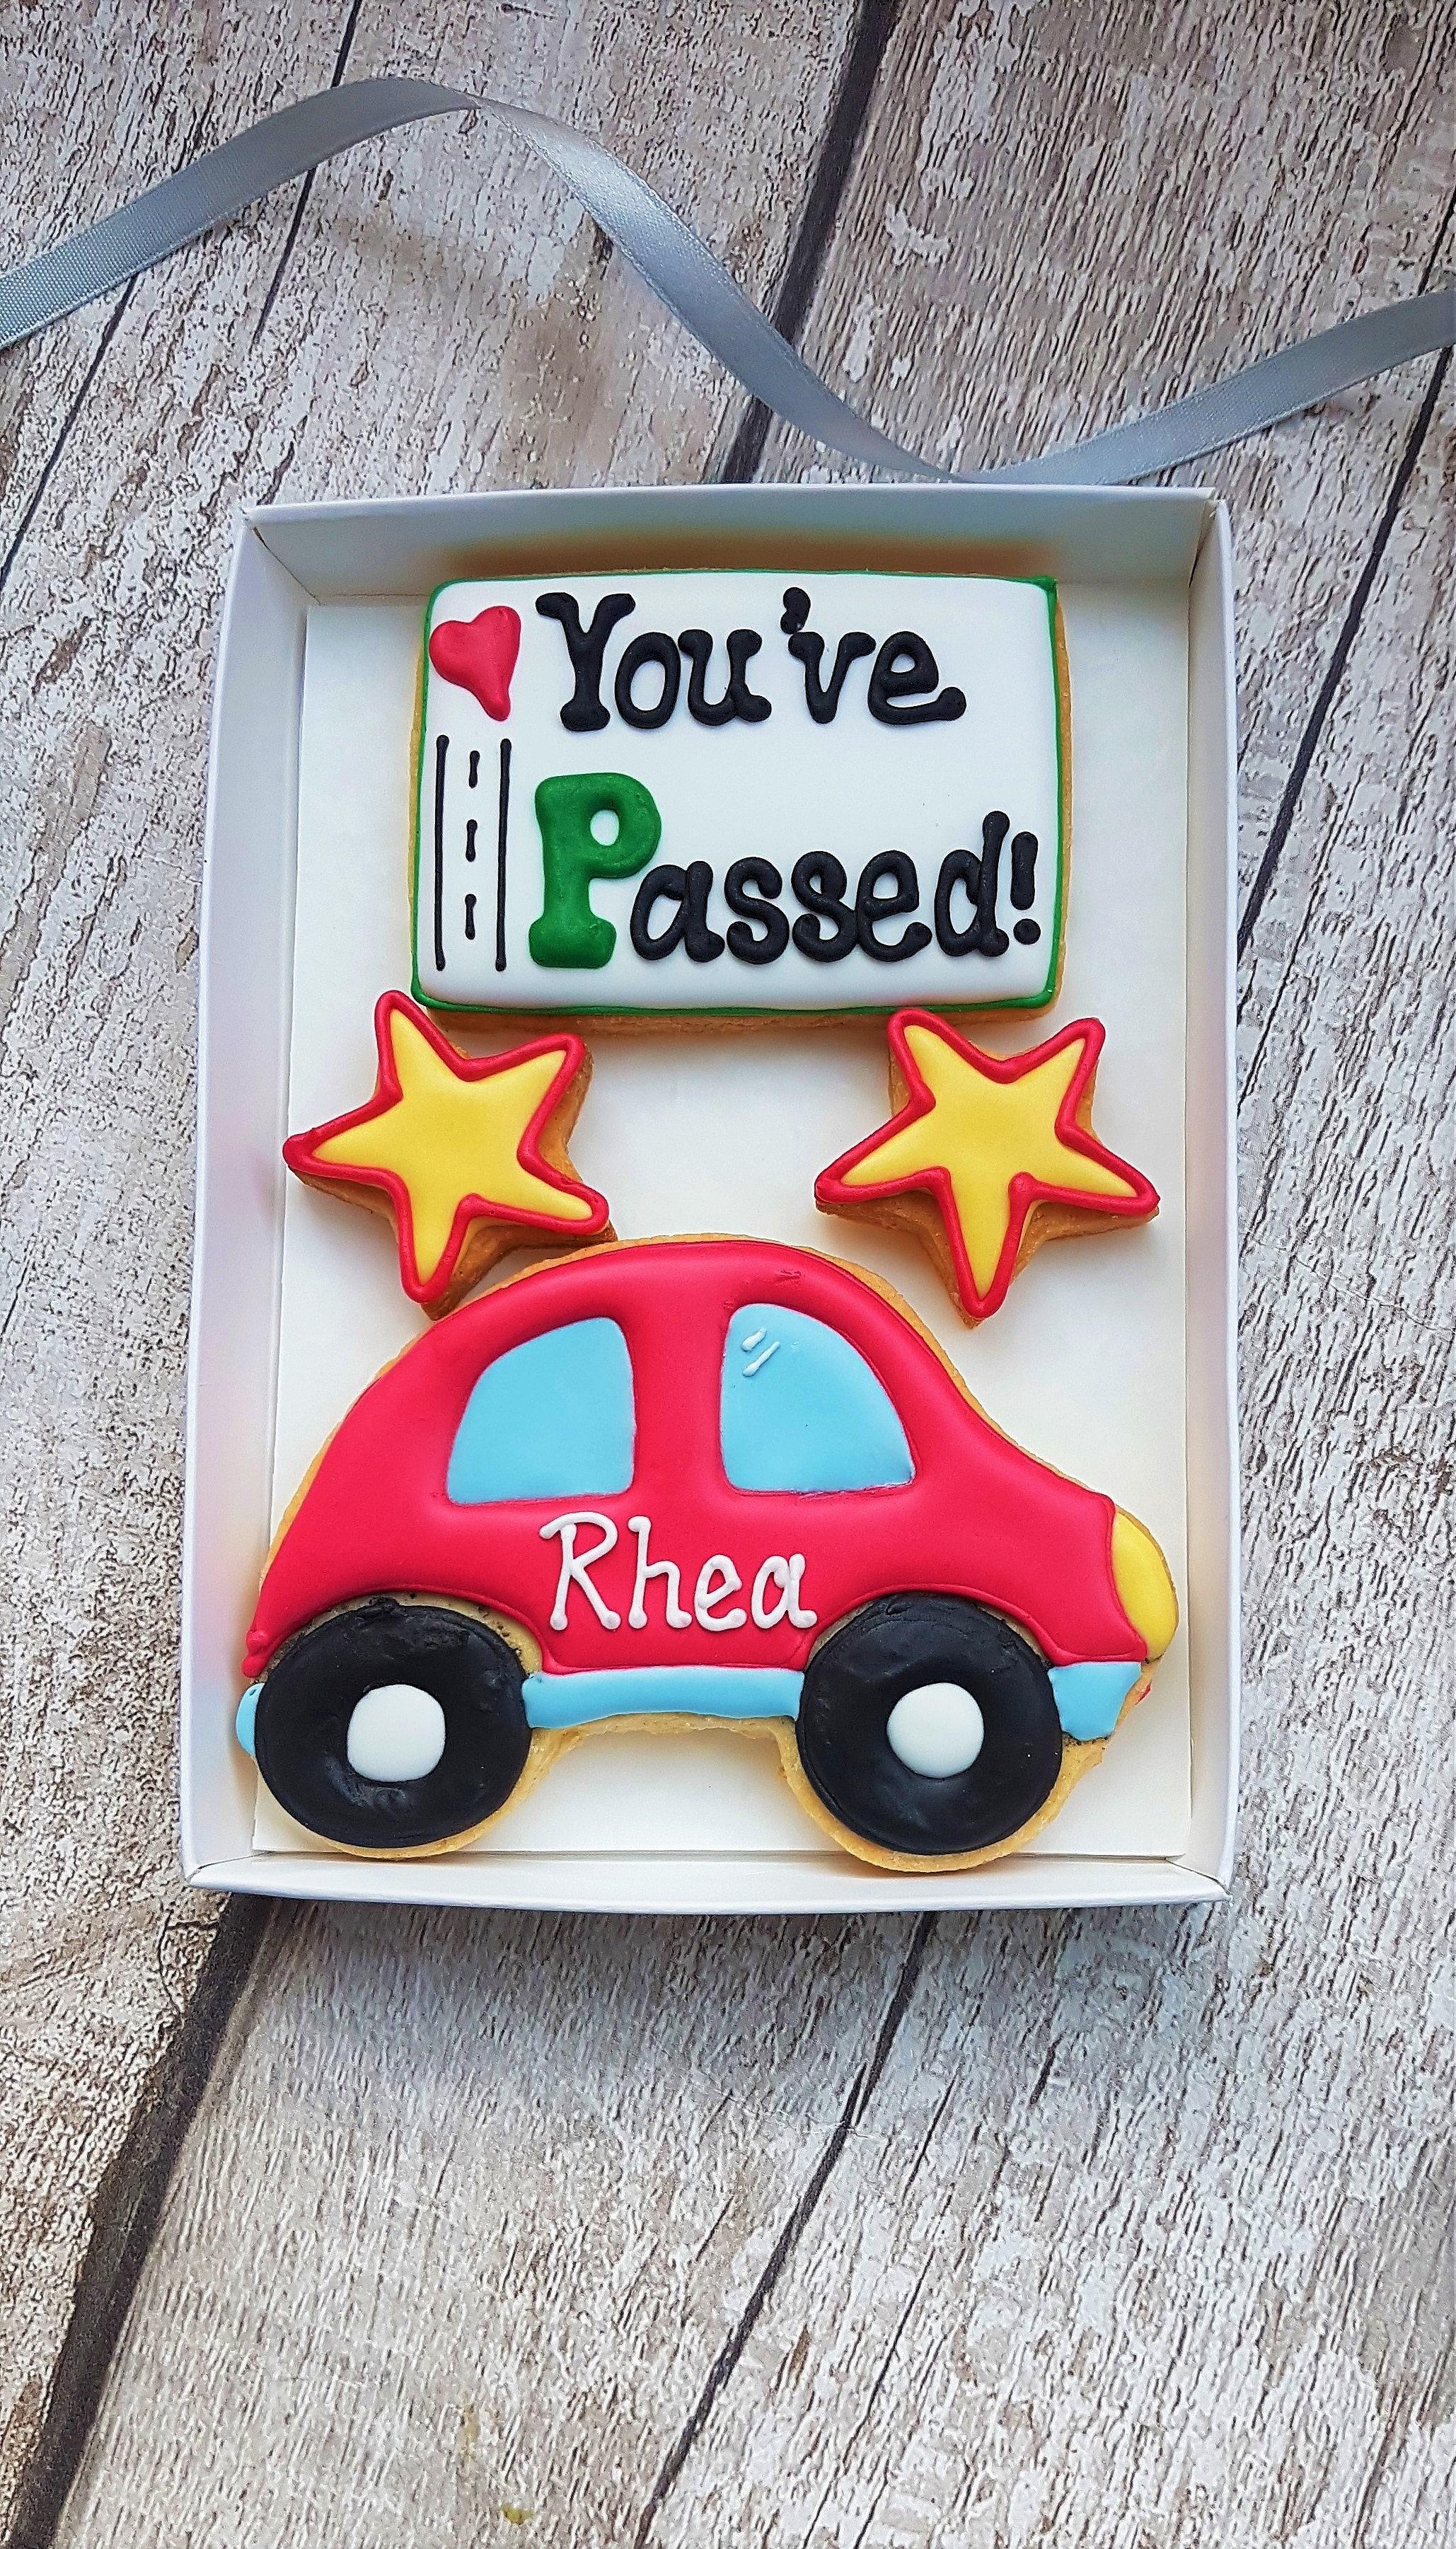 Personalised 'You've passed!' cookies